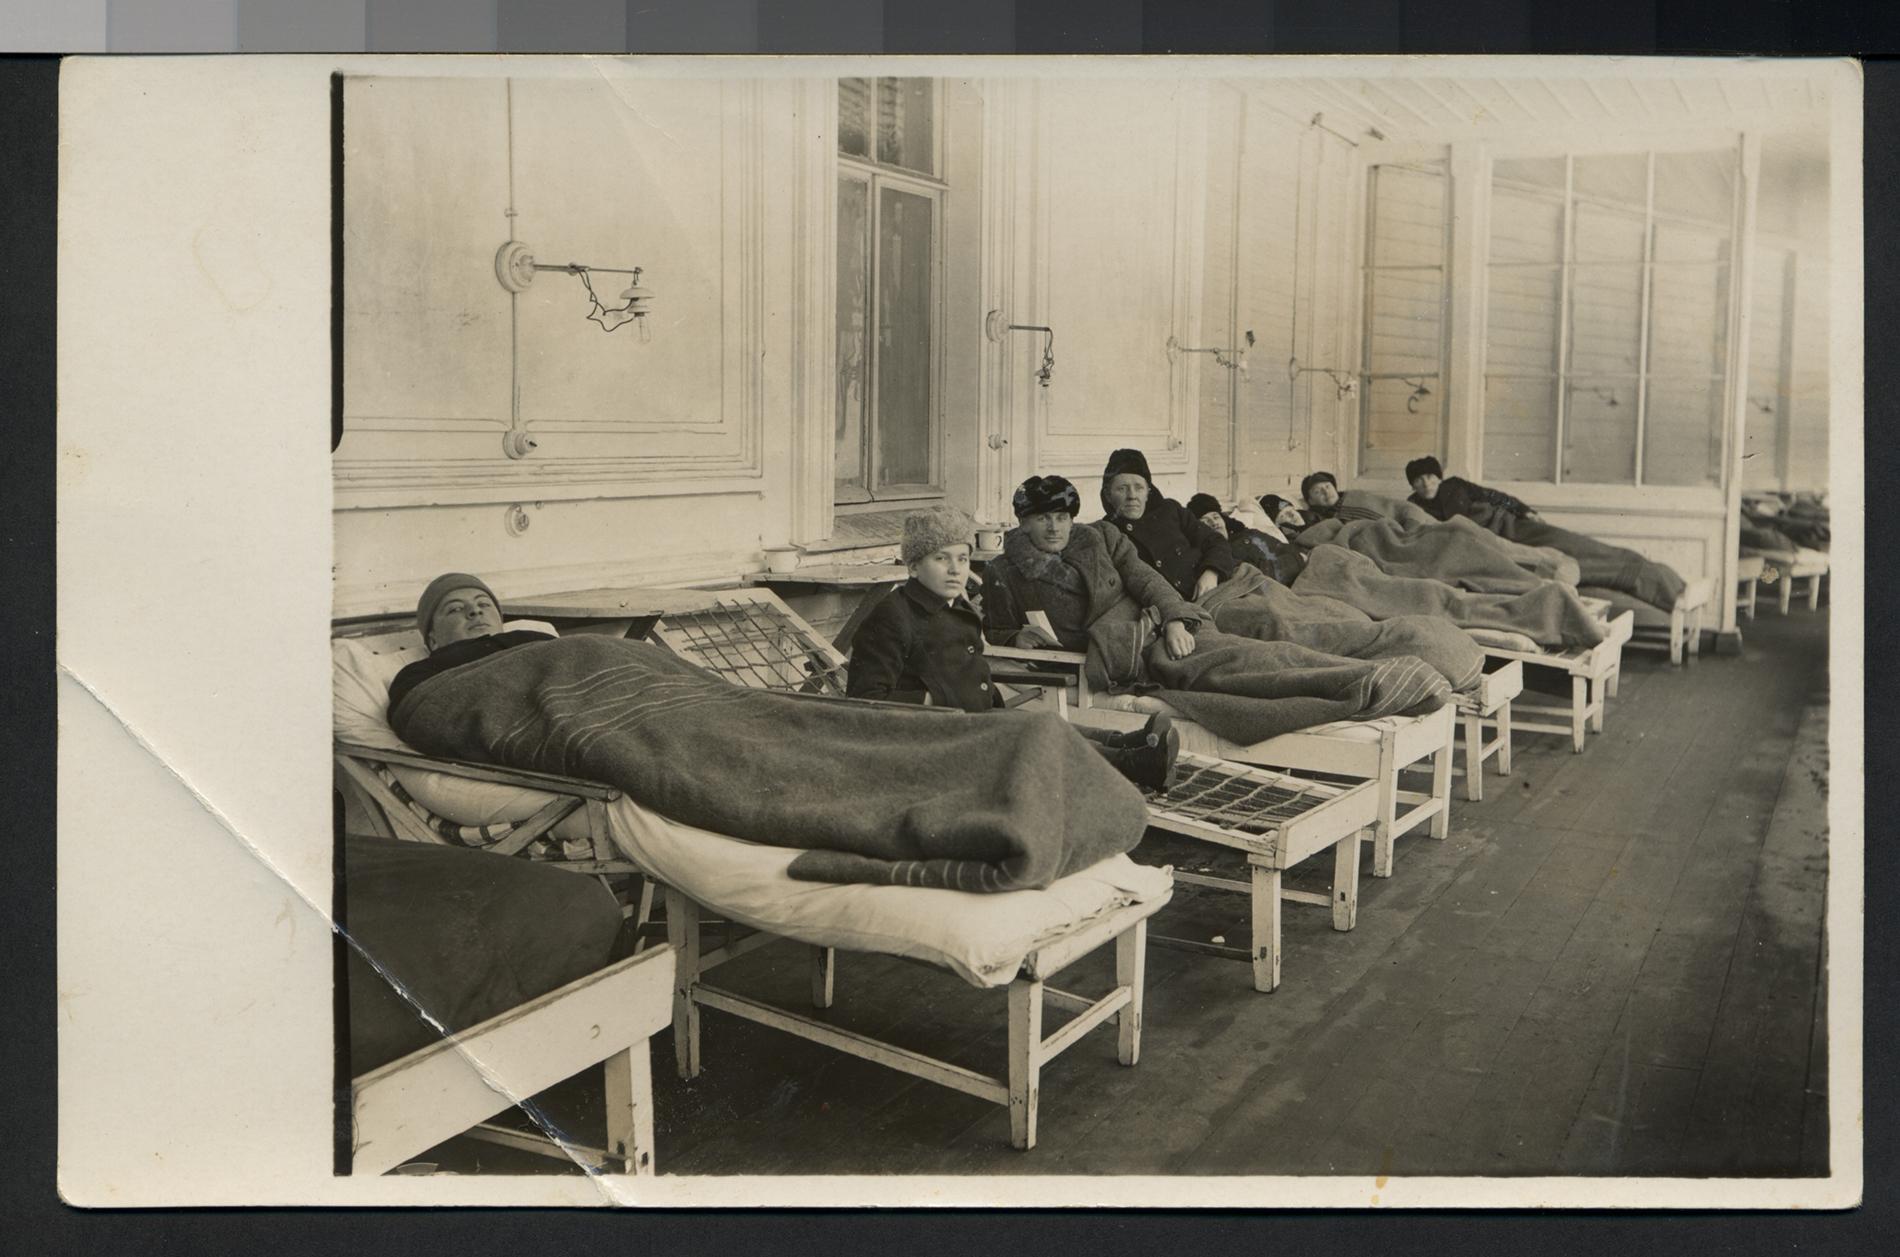 Loimaan parantolan potilaita hallimakuulla eli lepäämässä parvekkeella. Parantolaperinteen keruukilpailu 1971. Kuvajaa tuntematon. SKS KRA.